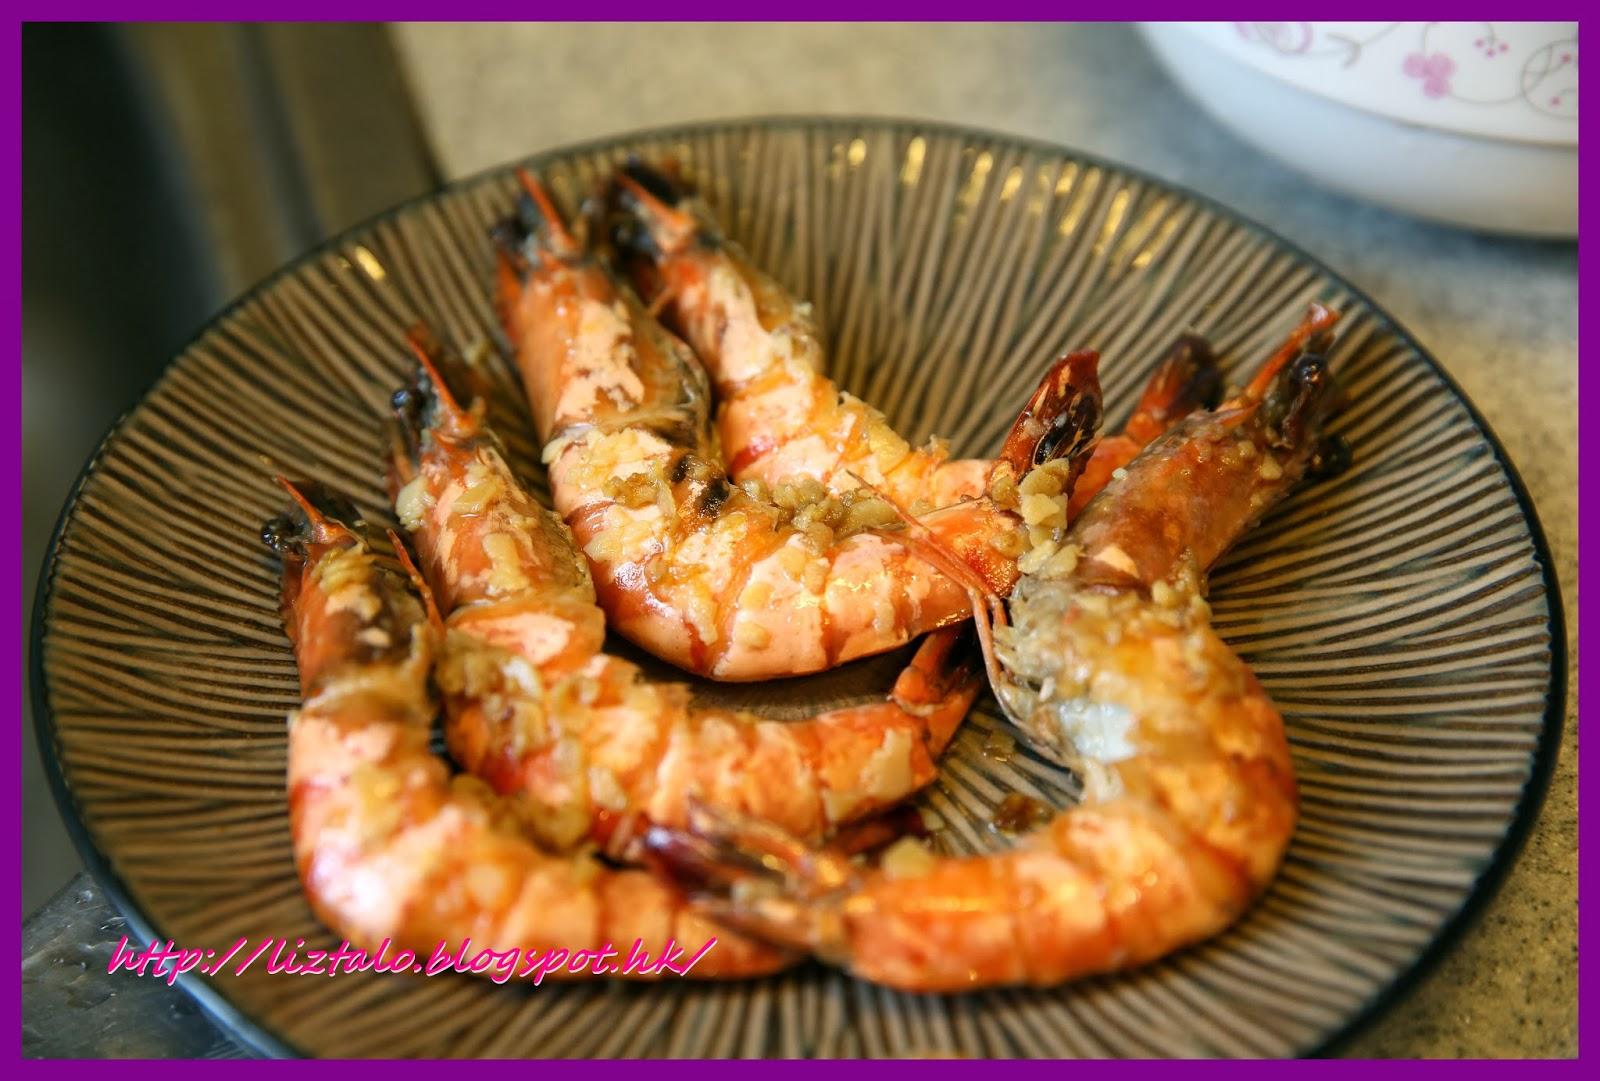 【簡約煮意】: 虎蝦黑松露忌廉韓國年糕